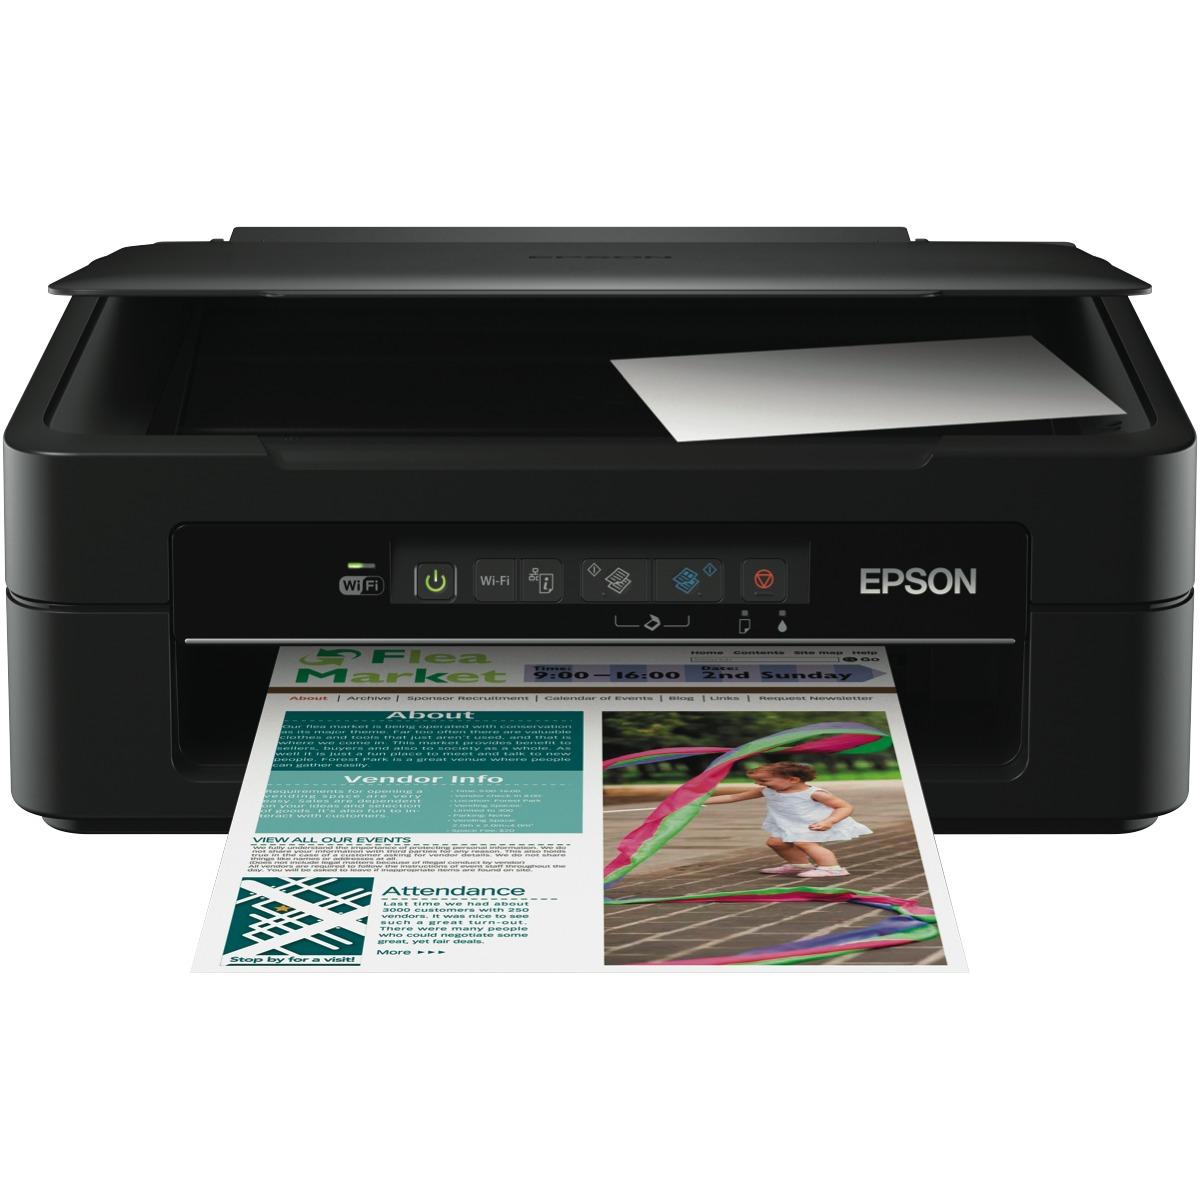 epson xp 220 reviews productreview com au rh productreview com au Epson Connect Printer to Computer Epson Connect Printer to Computer